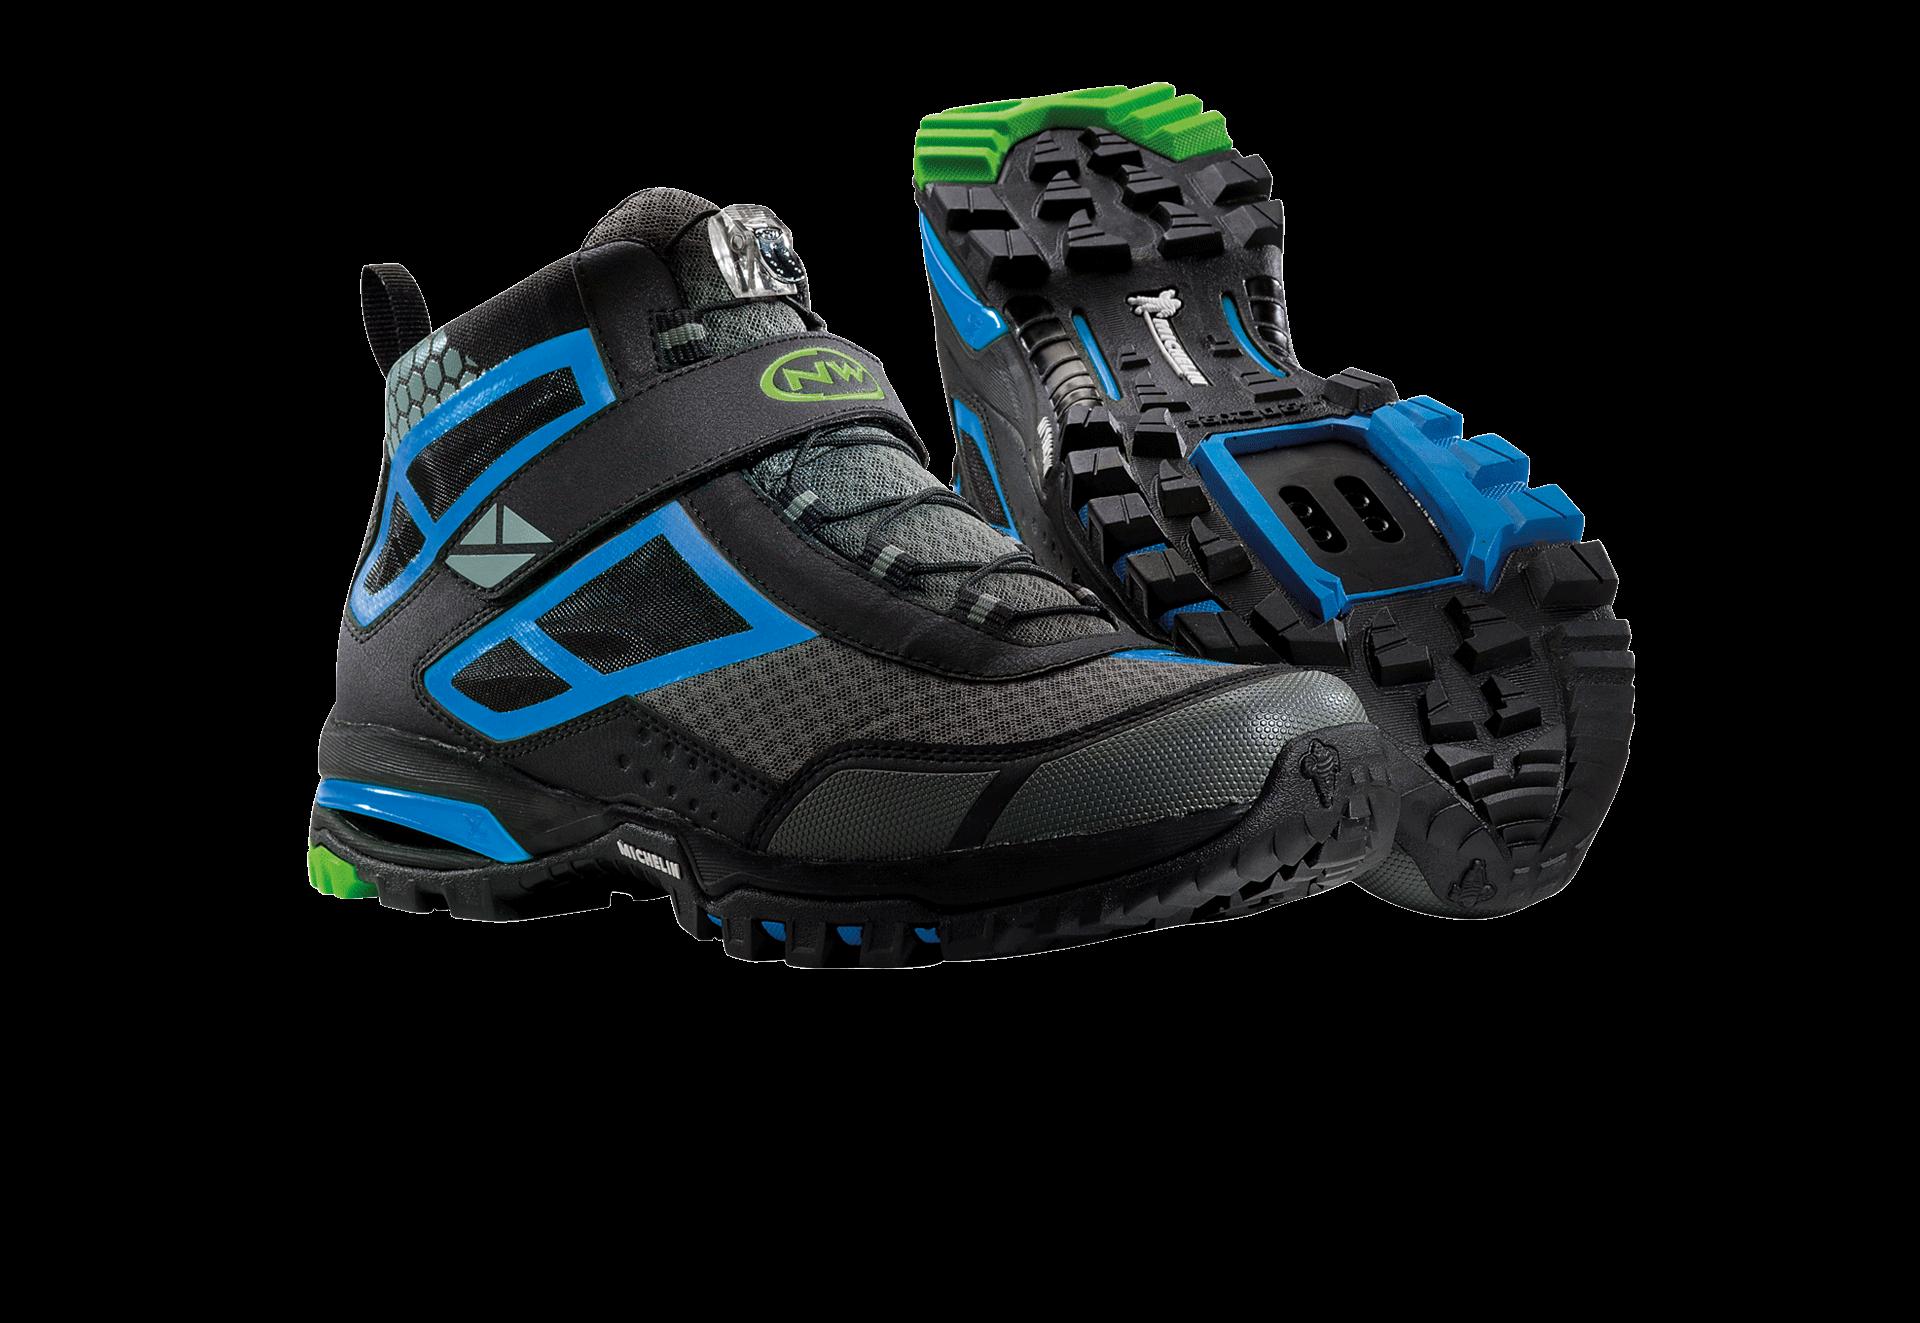 Chaussures Northwave Transparentes Avec Velcro Pour Les Hommes kx4rH0h